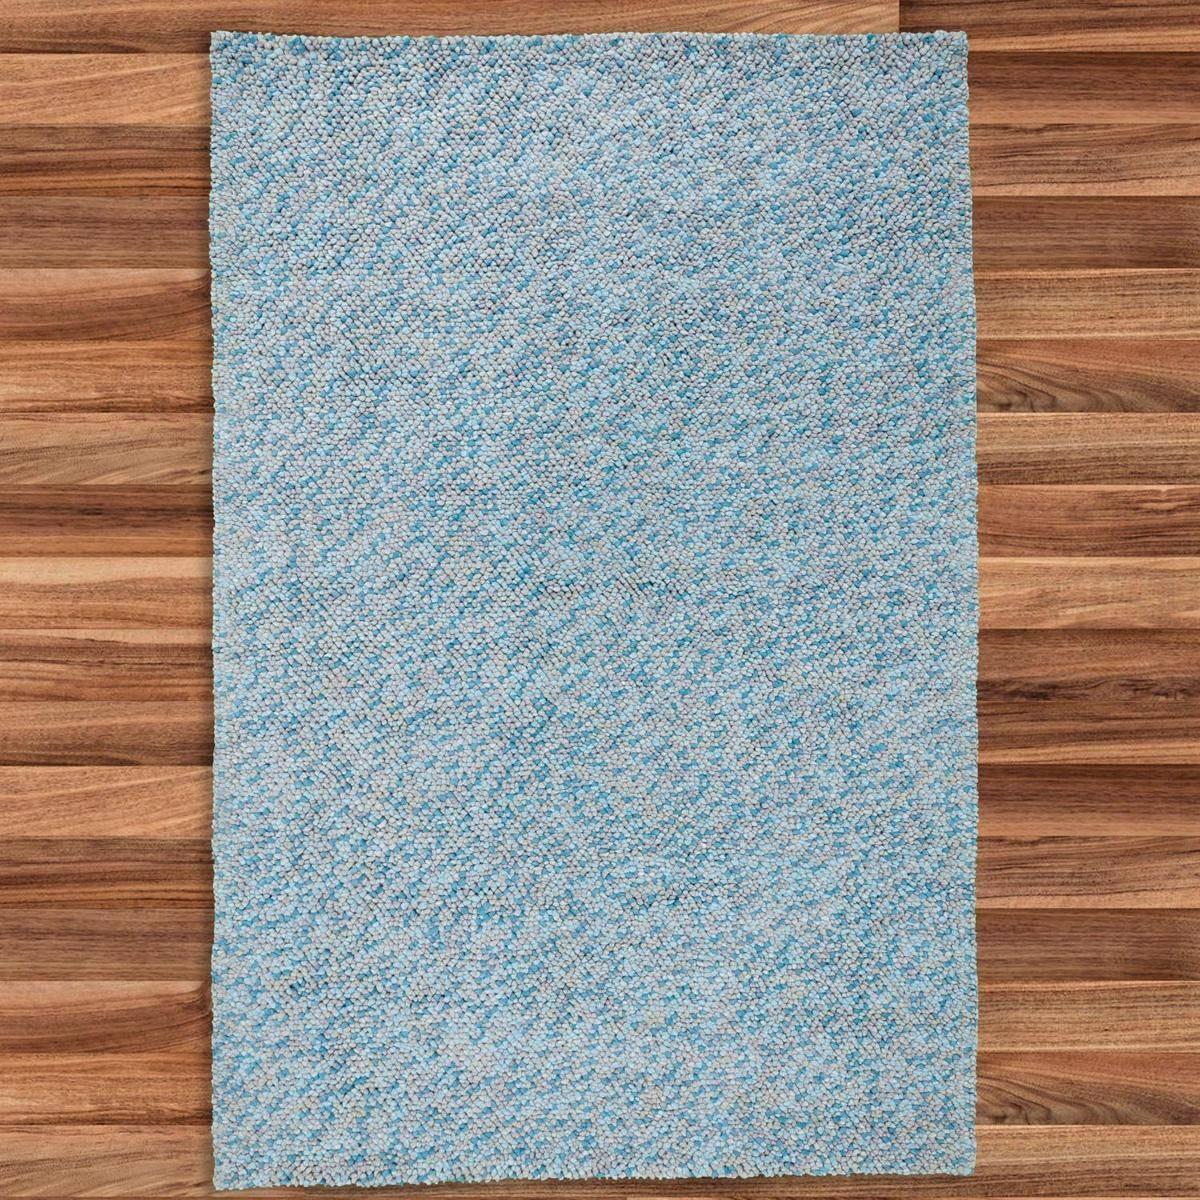 Buy Felt Pebble Rug Turquoise 200x300cm